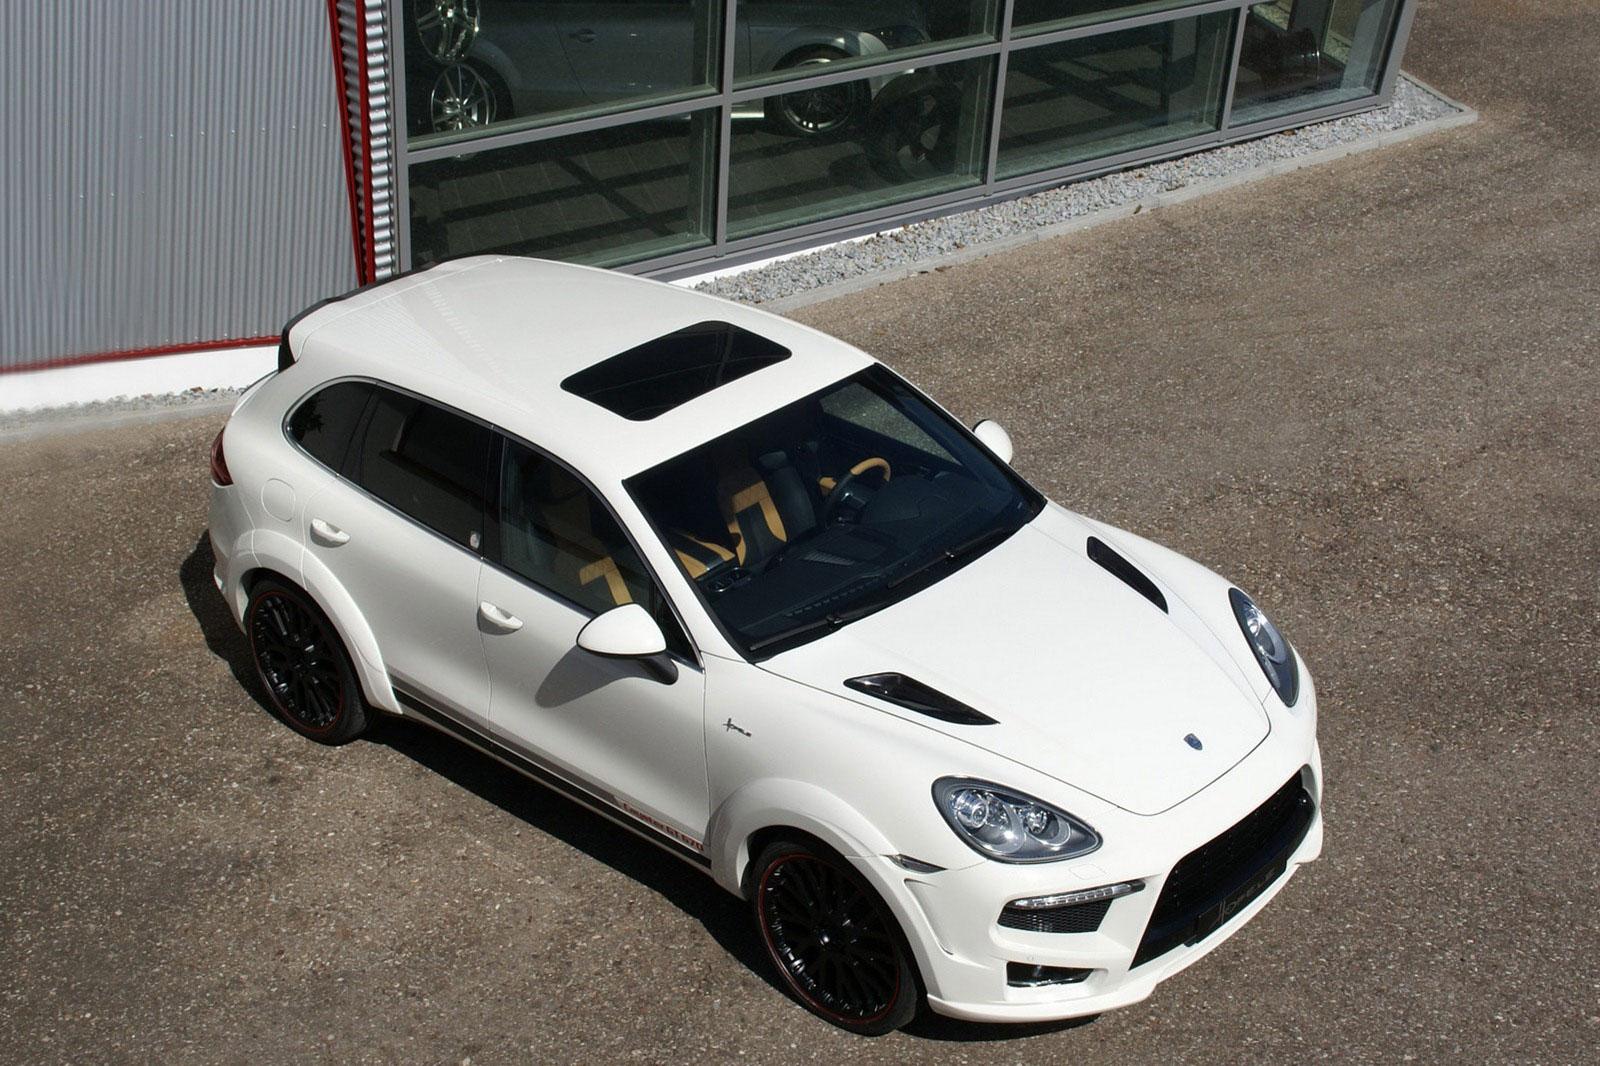 Porsche Cayenne prodělalo několik vylepšení u Hofele Design 6